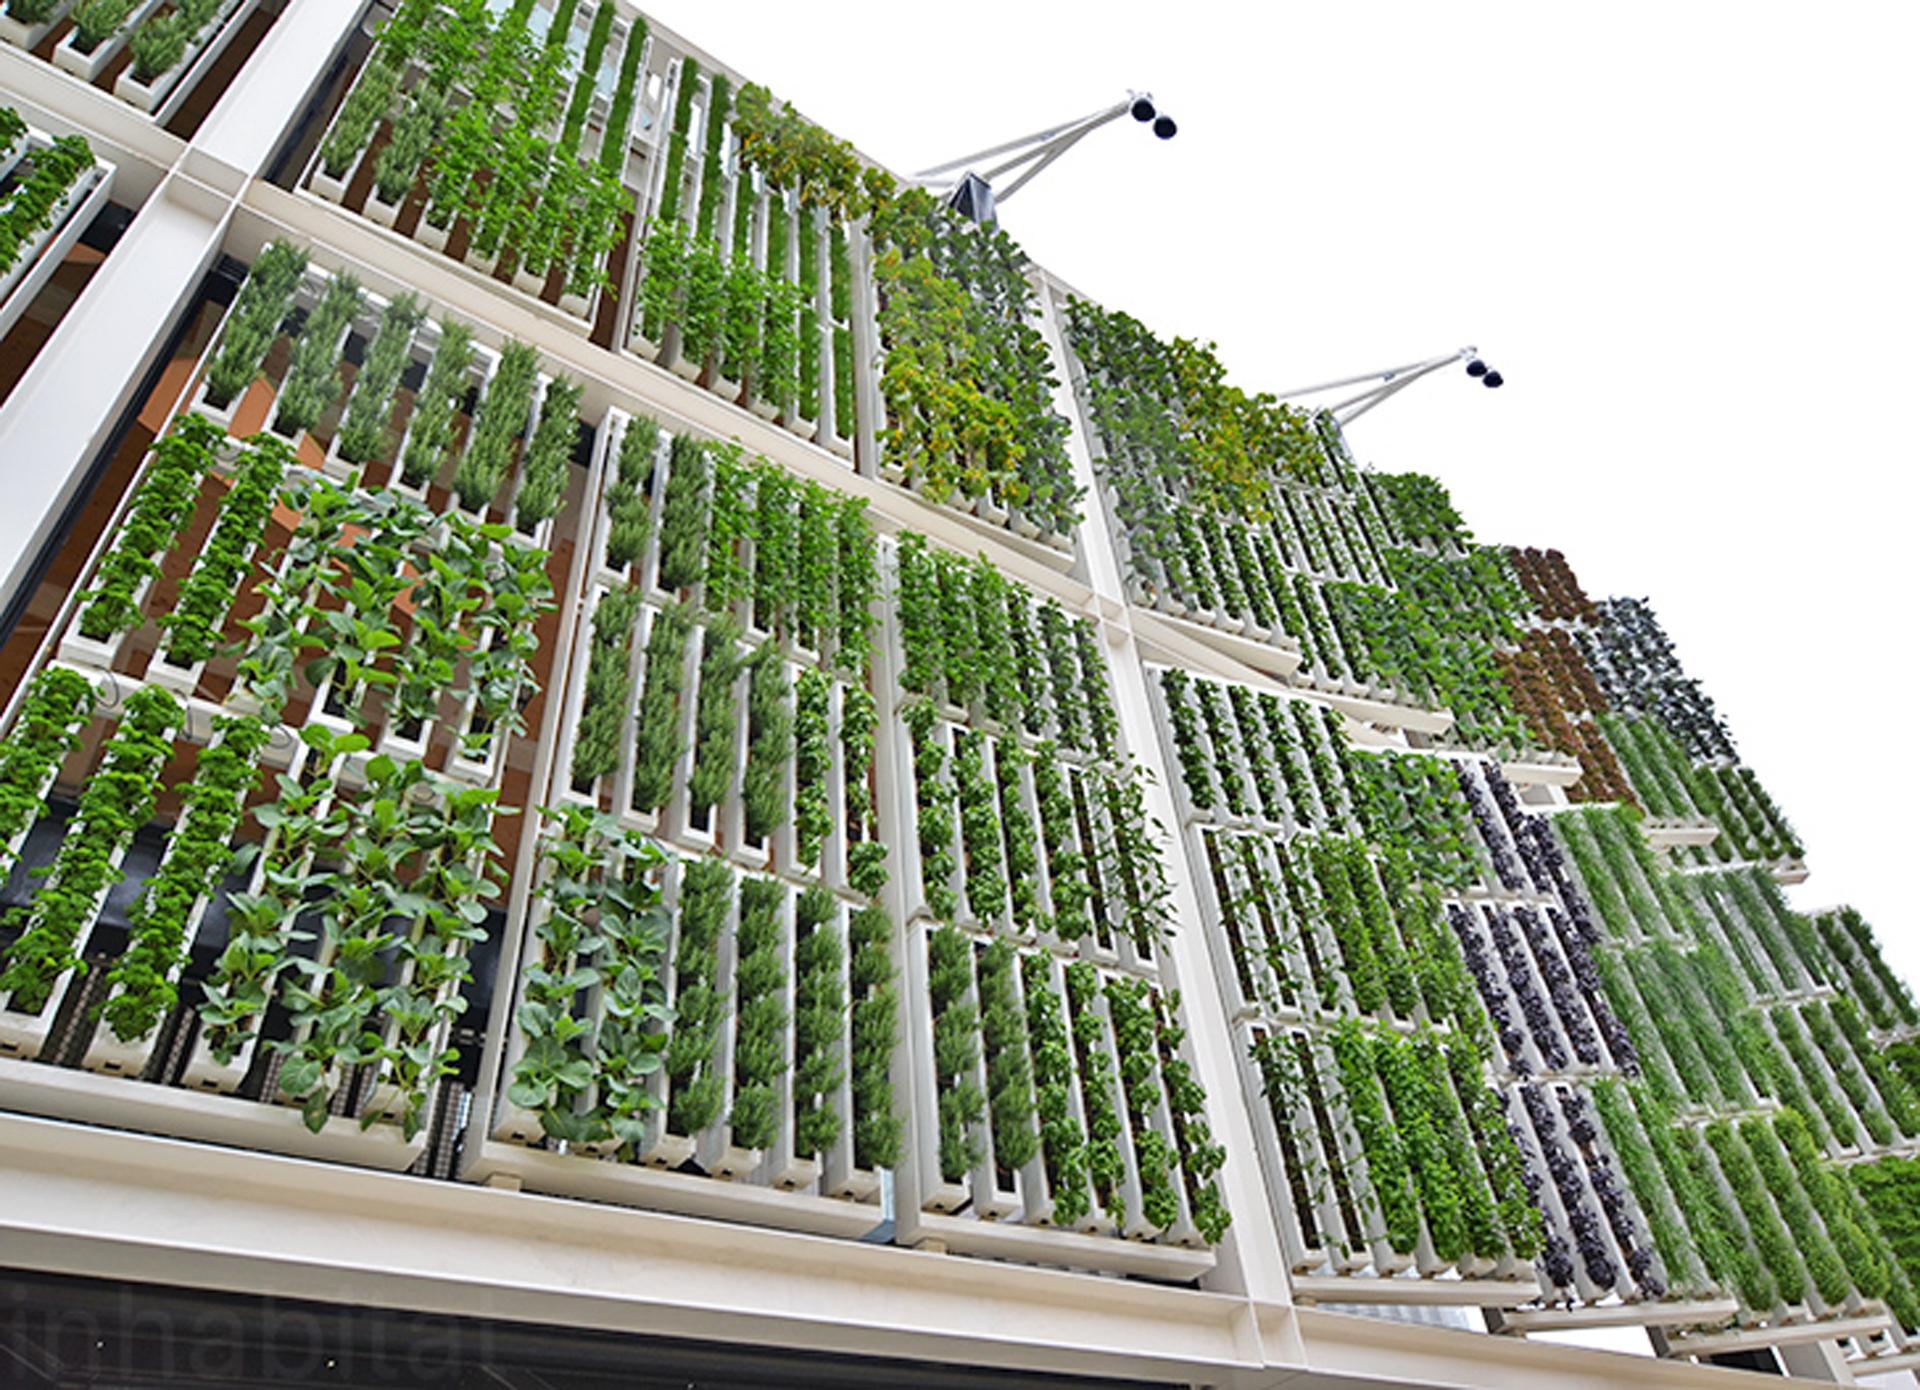 Otra posibilidad radica en edificios vidriados con paneles solares en su cubierta donde cada nivel forma parte de una completo invernadero lleno de vegetales